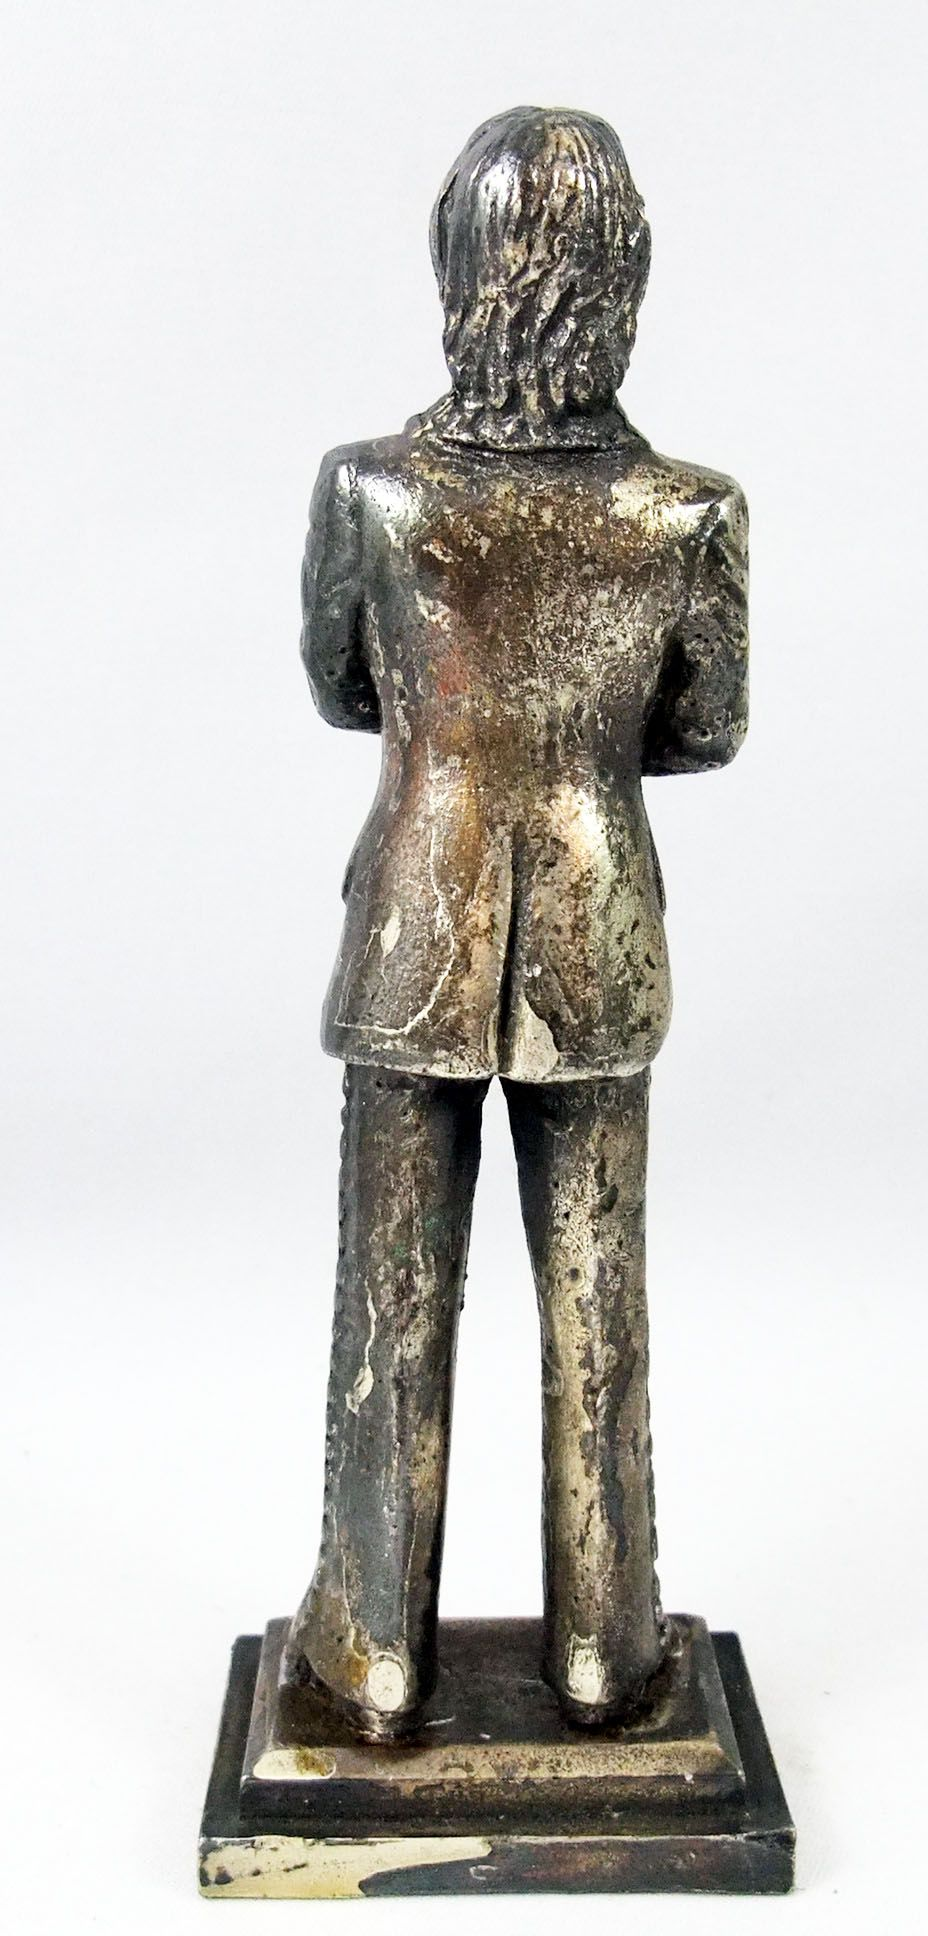 Claude François - Statue en métal injecté 16cm - Daviland France 1978